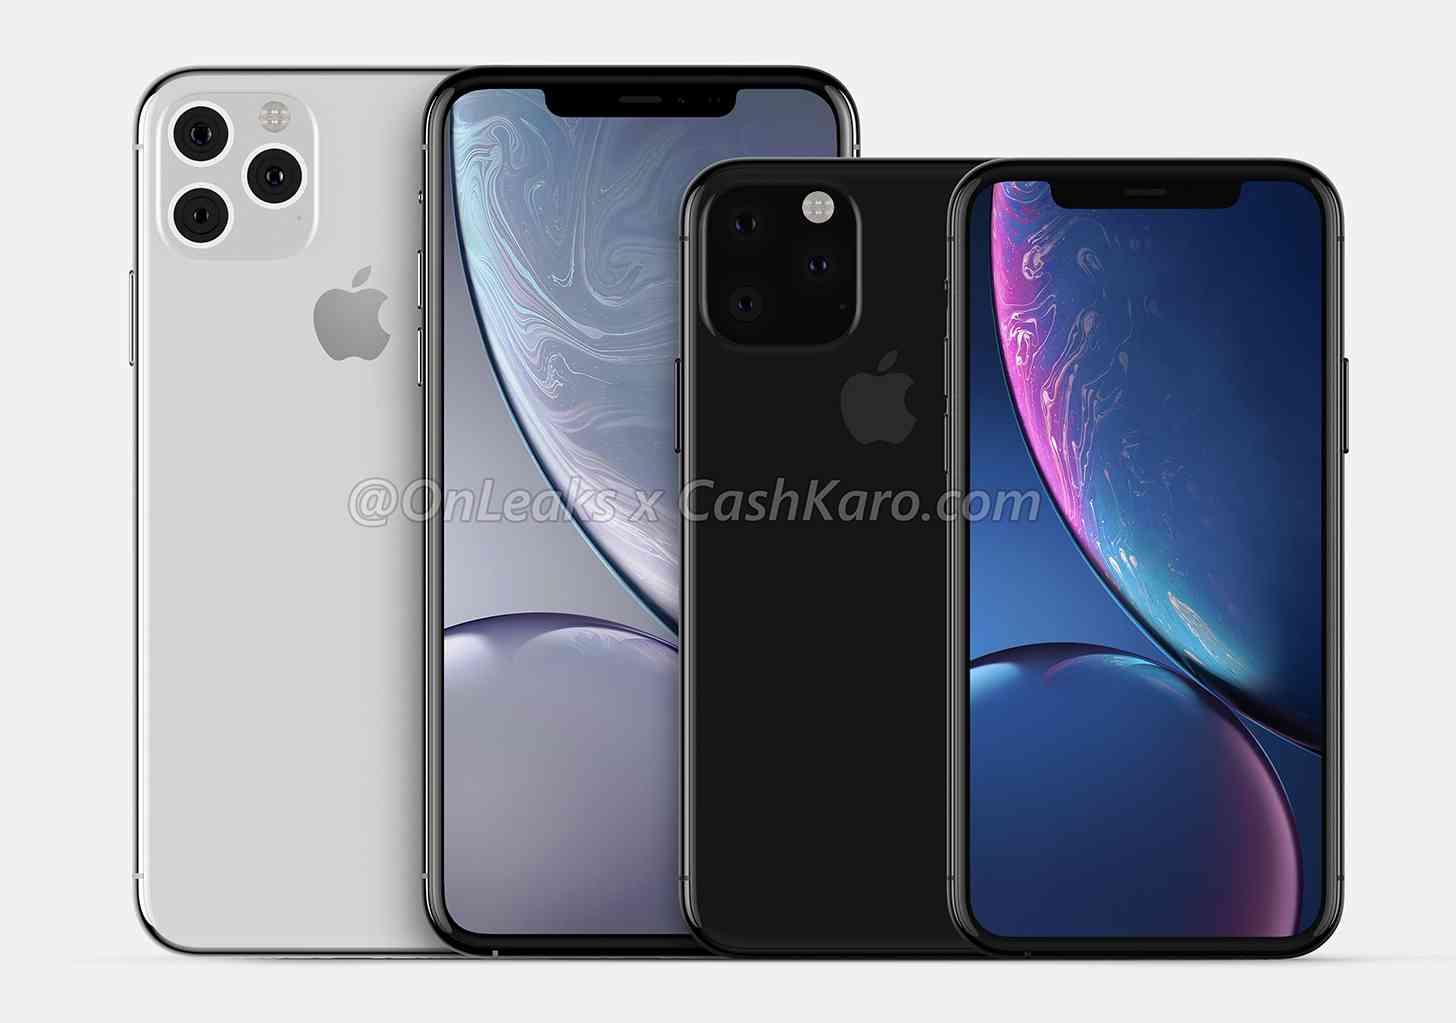 2019 iPhone renders